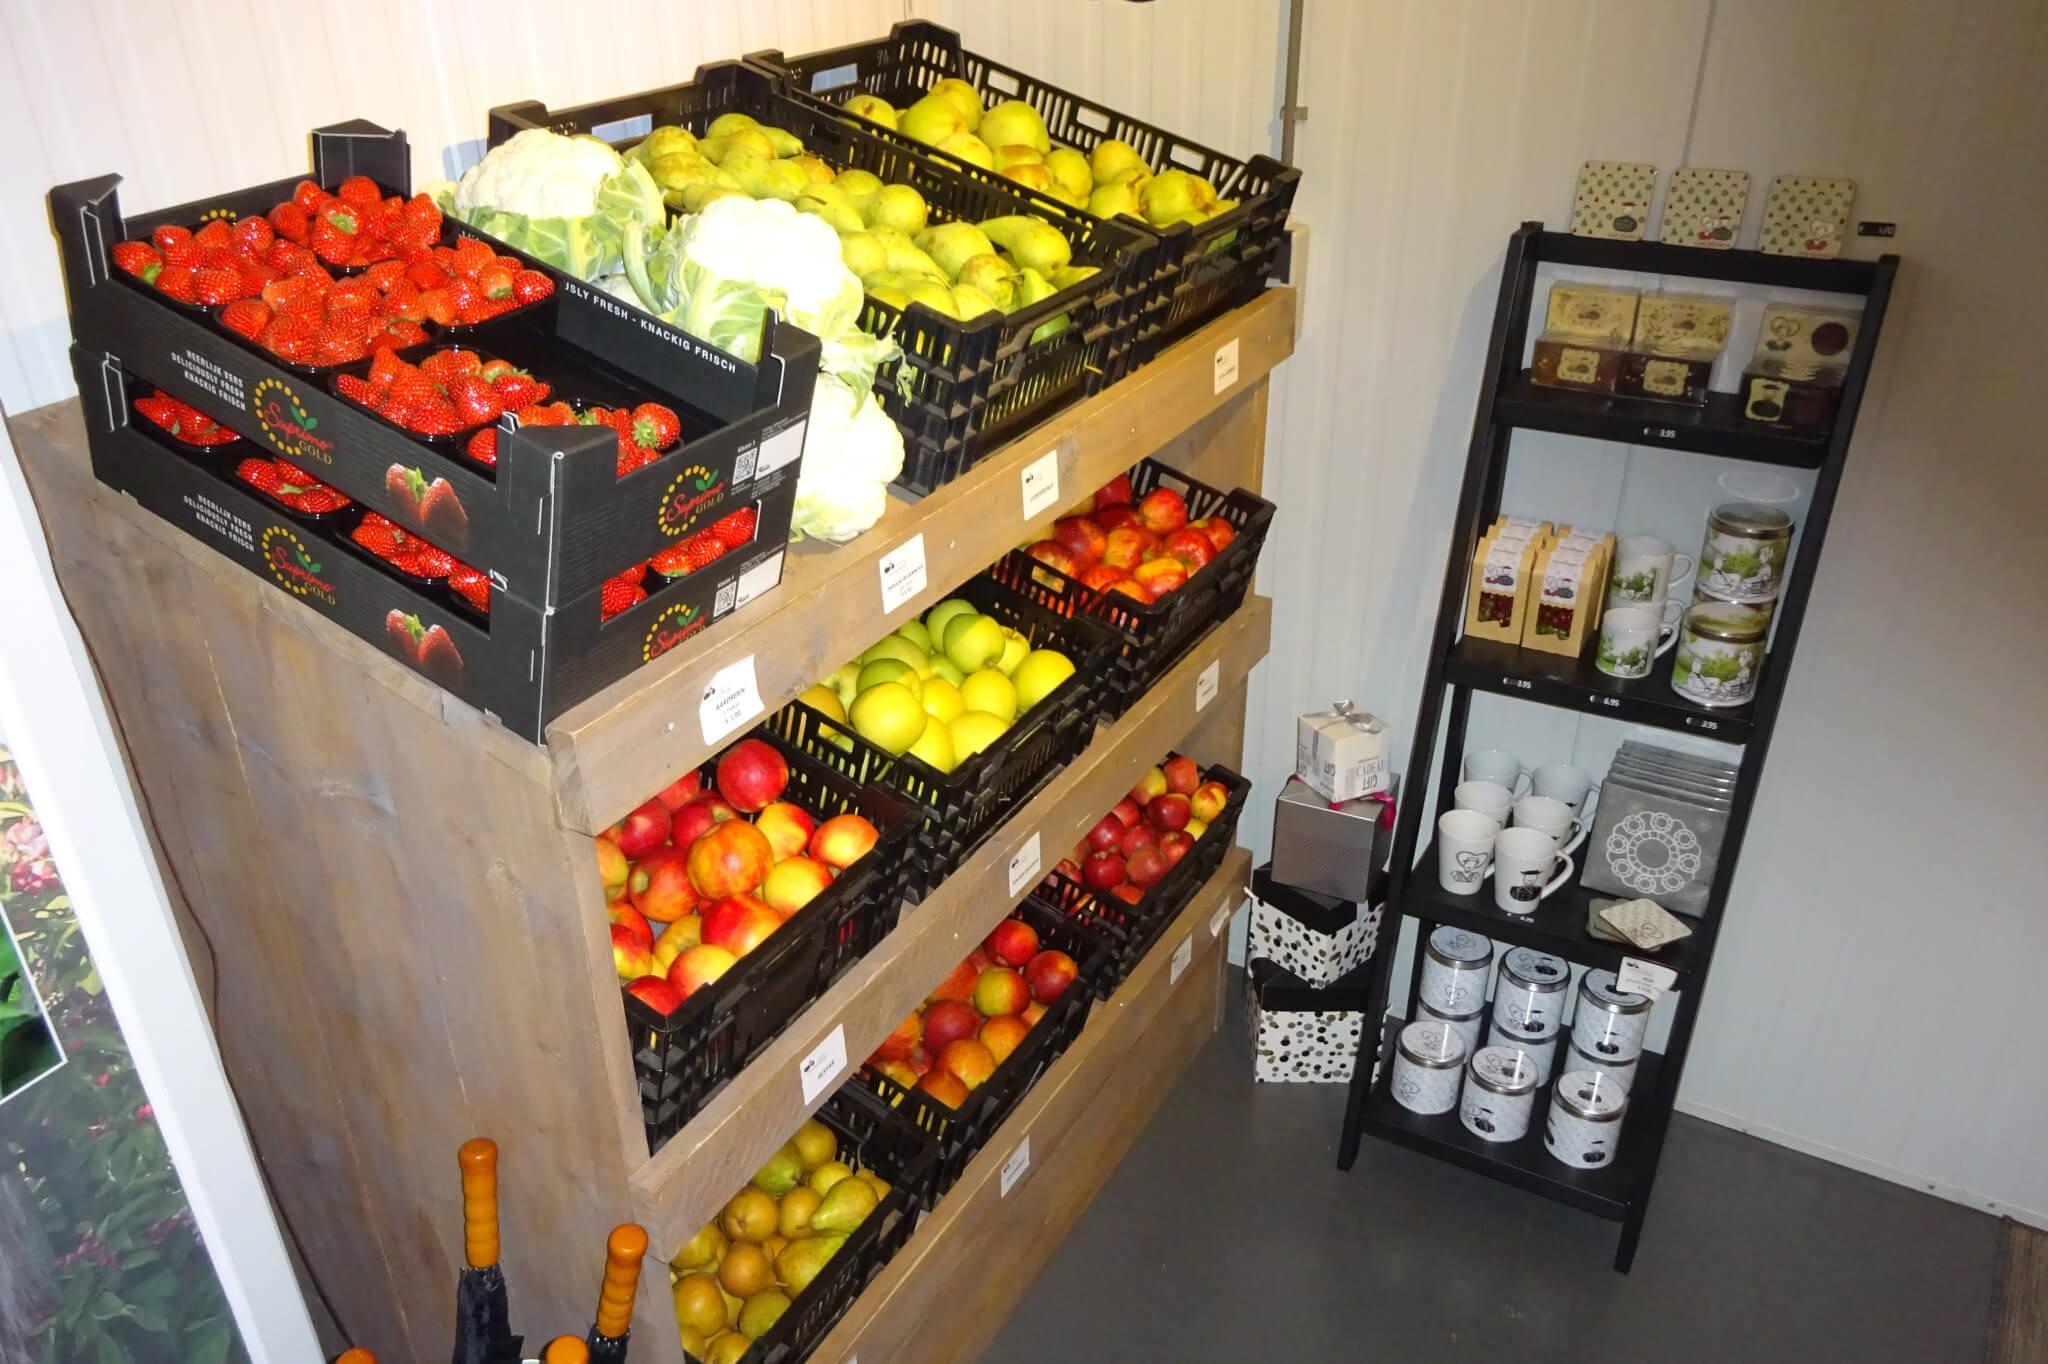 Fruitbedrijf Van den Berge: Fruithoek oktober 27102018